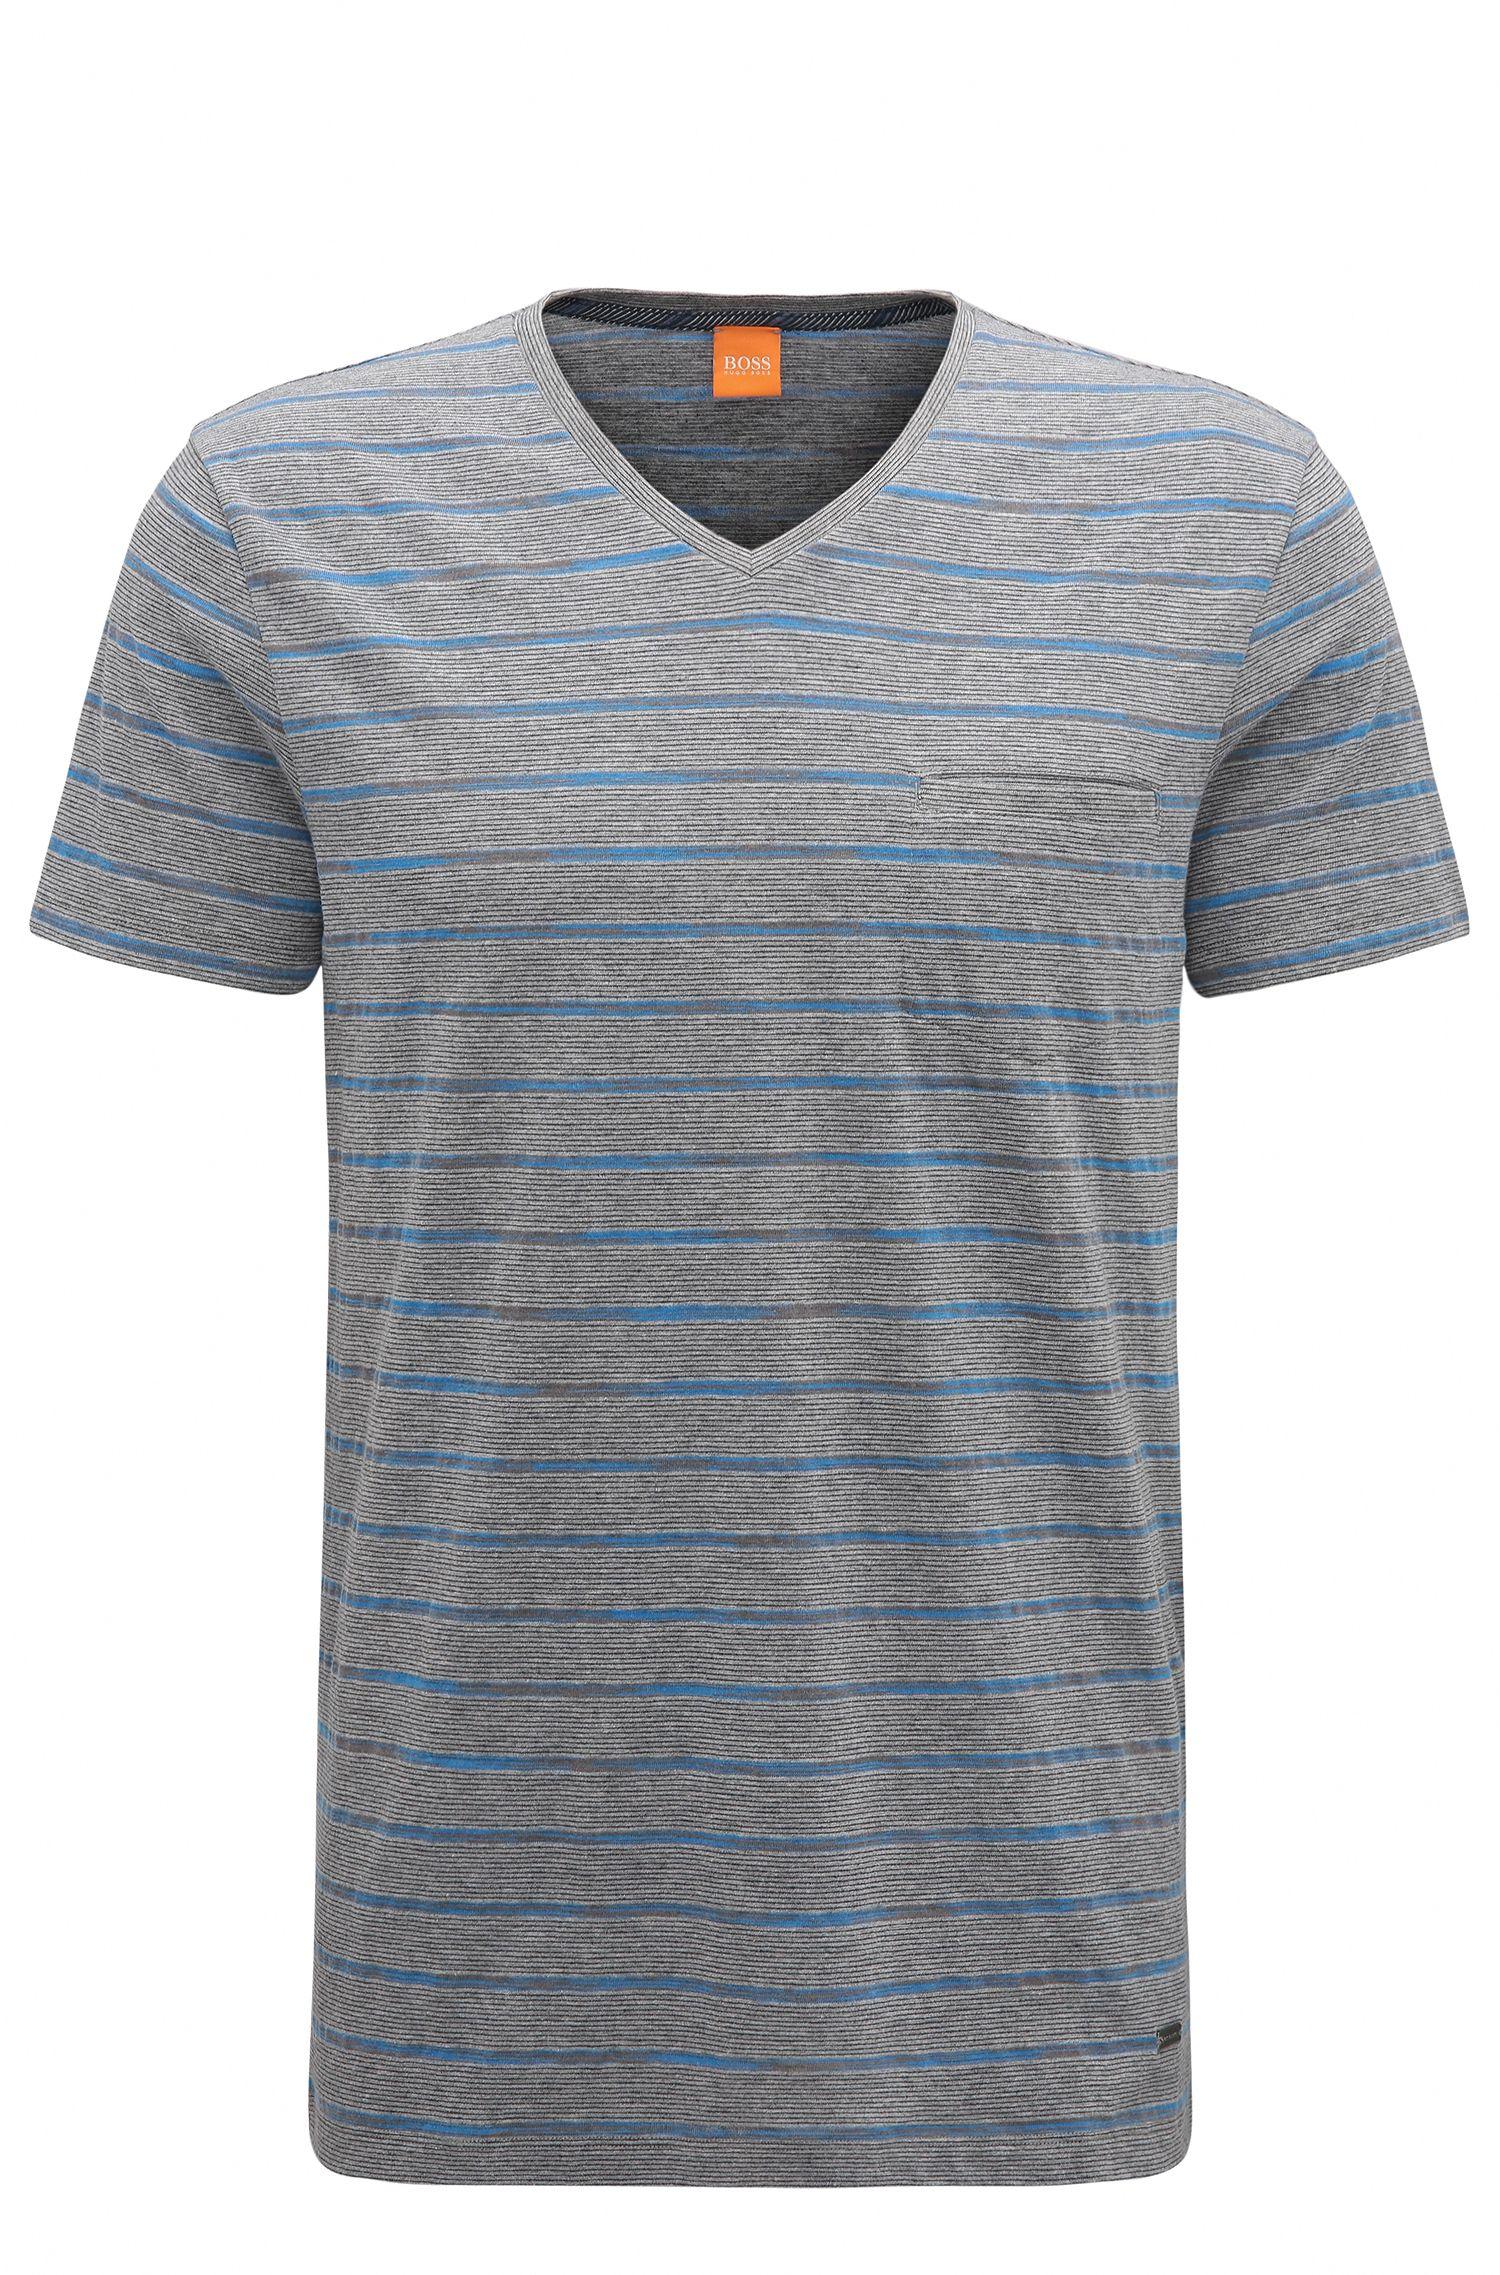 'Teaser' | Striped Jersey T-Shirt